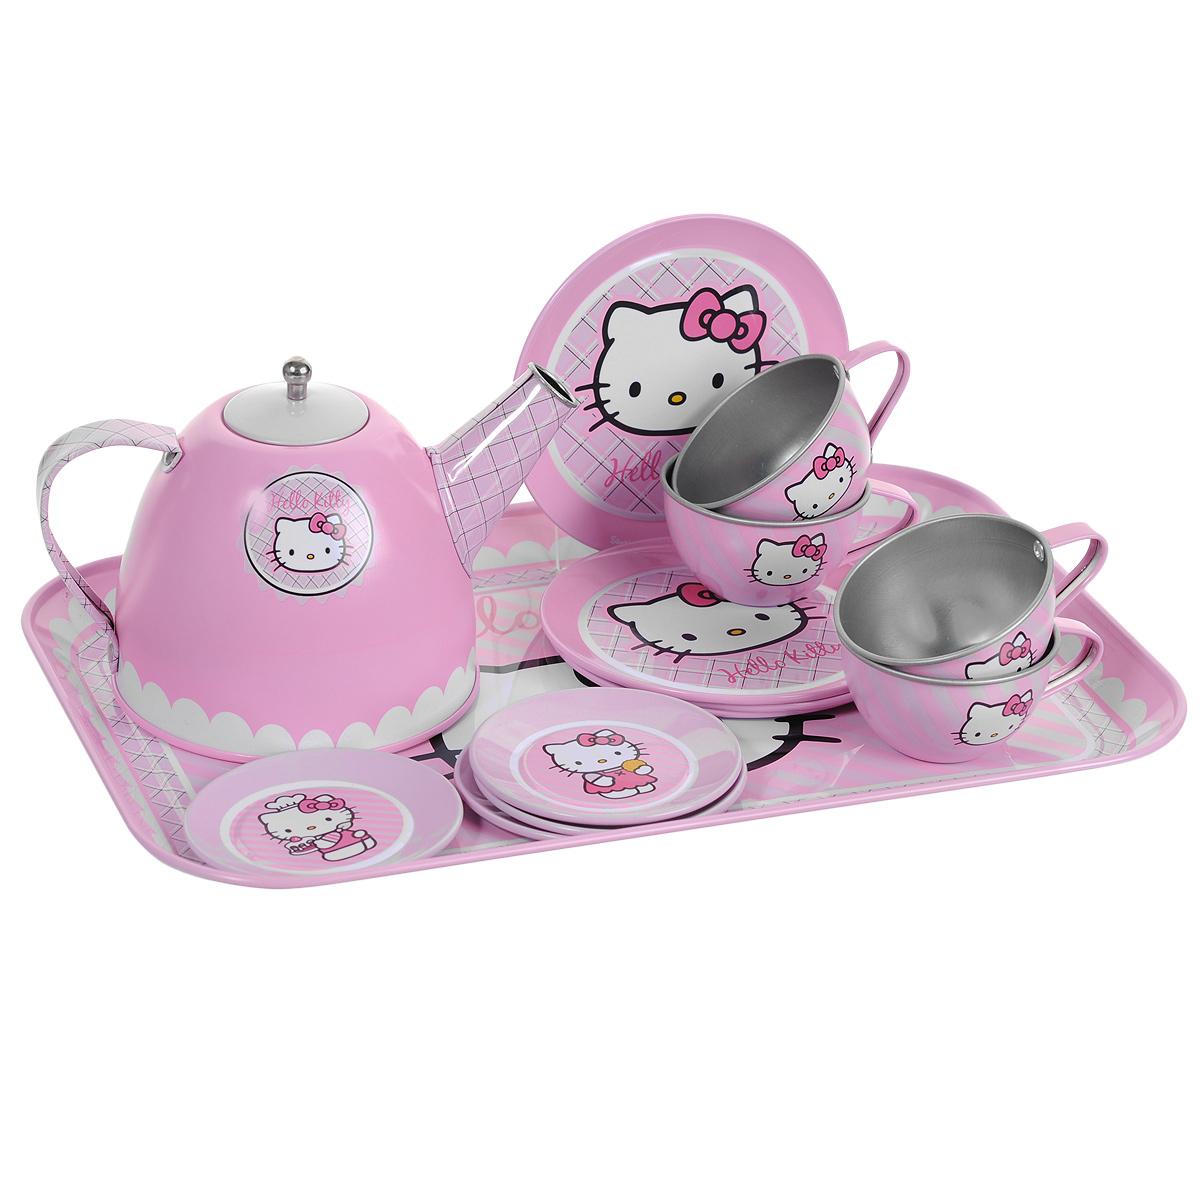 Smoby Набор посудки Hello Kitty, 14 предметов smoby стульчик сидение для ванной cotoons цвет розовый